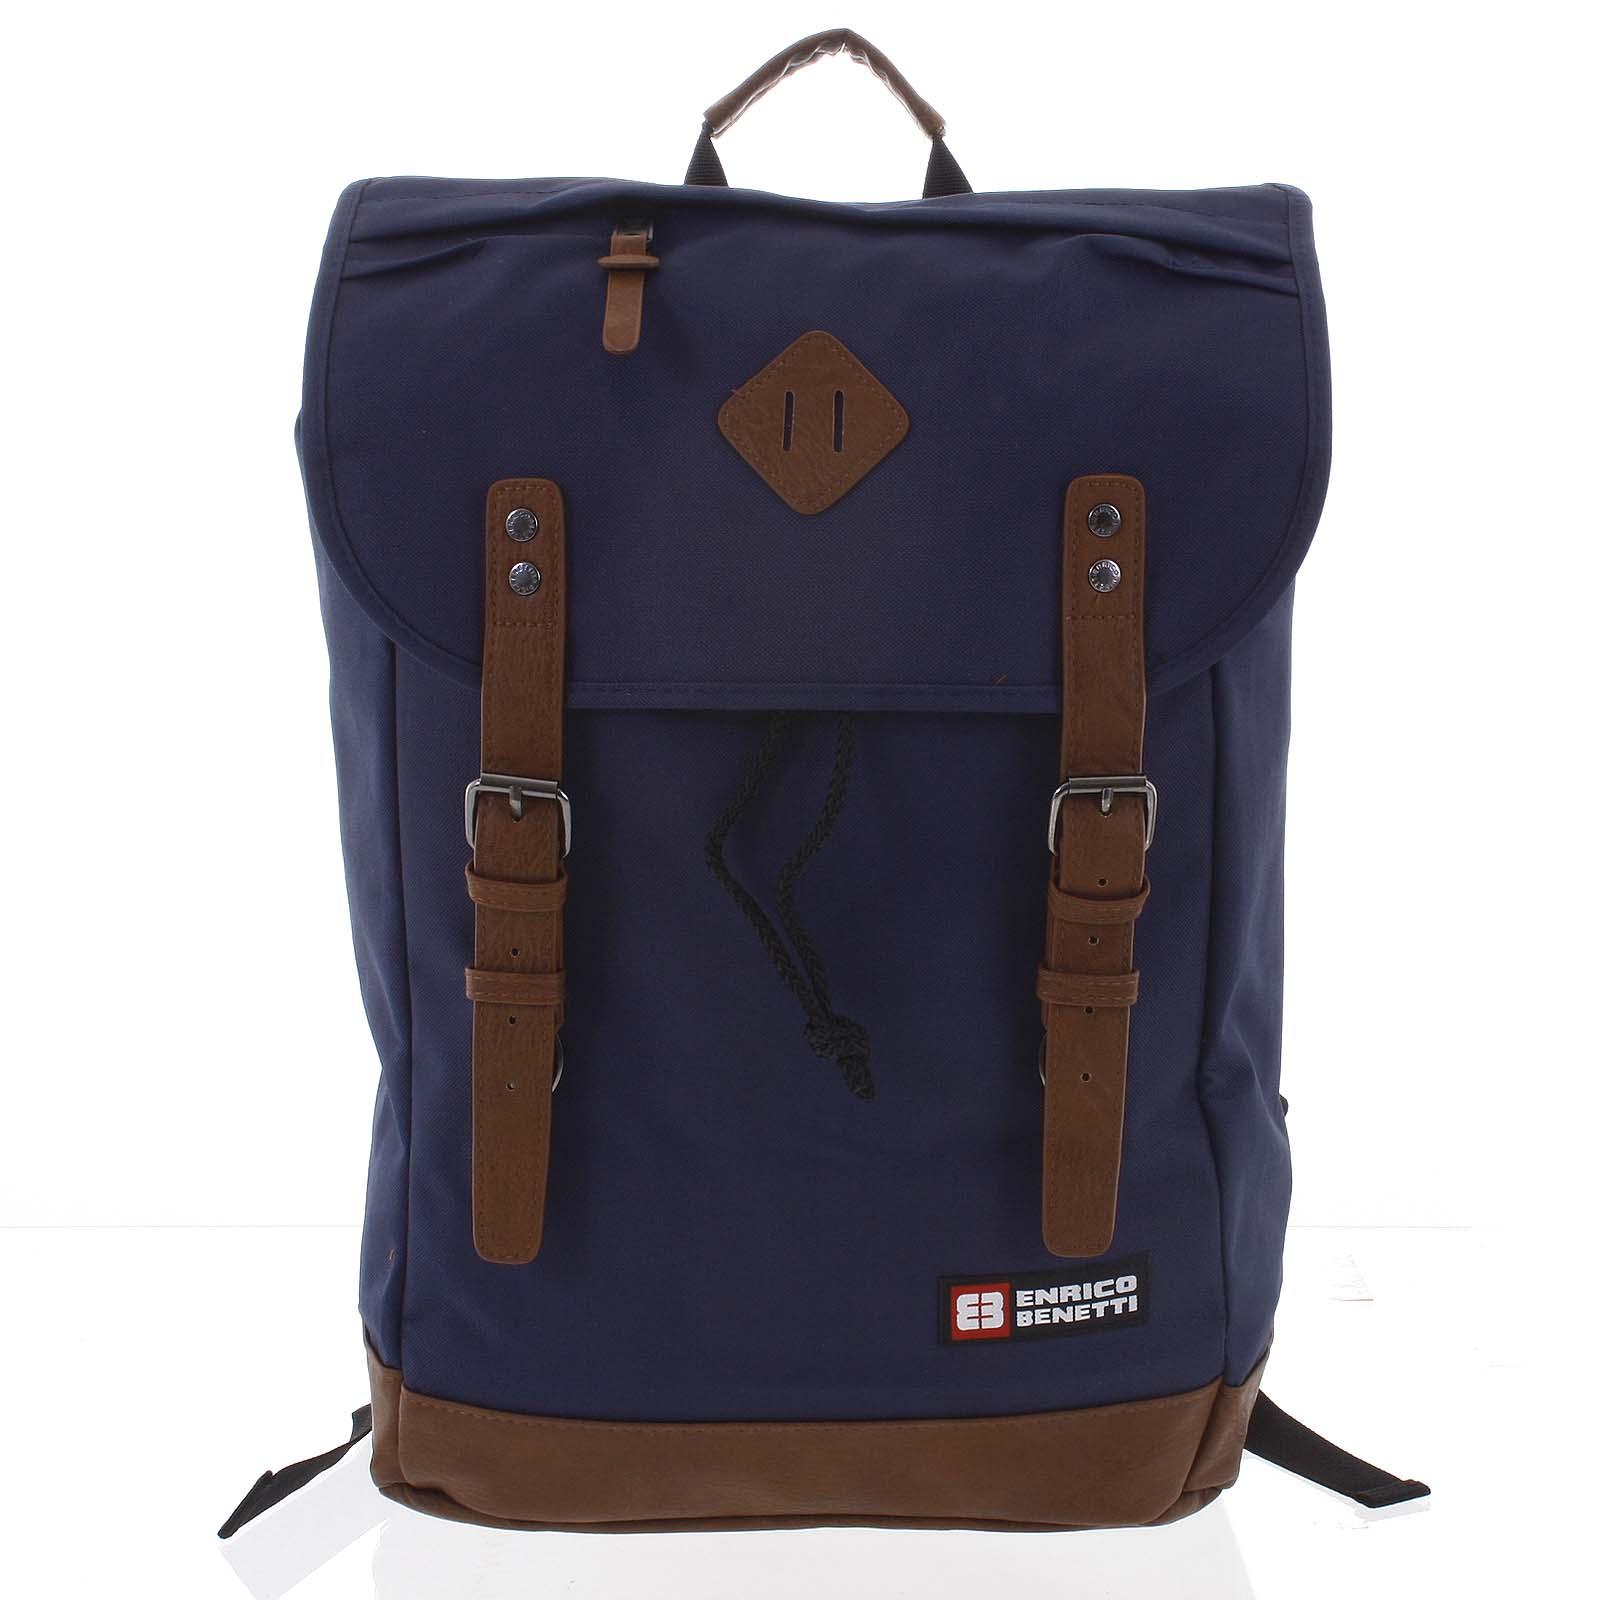 Velký stylový tmavě modrý batoh - Enrico Benetti Spoon